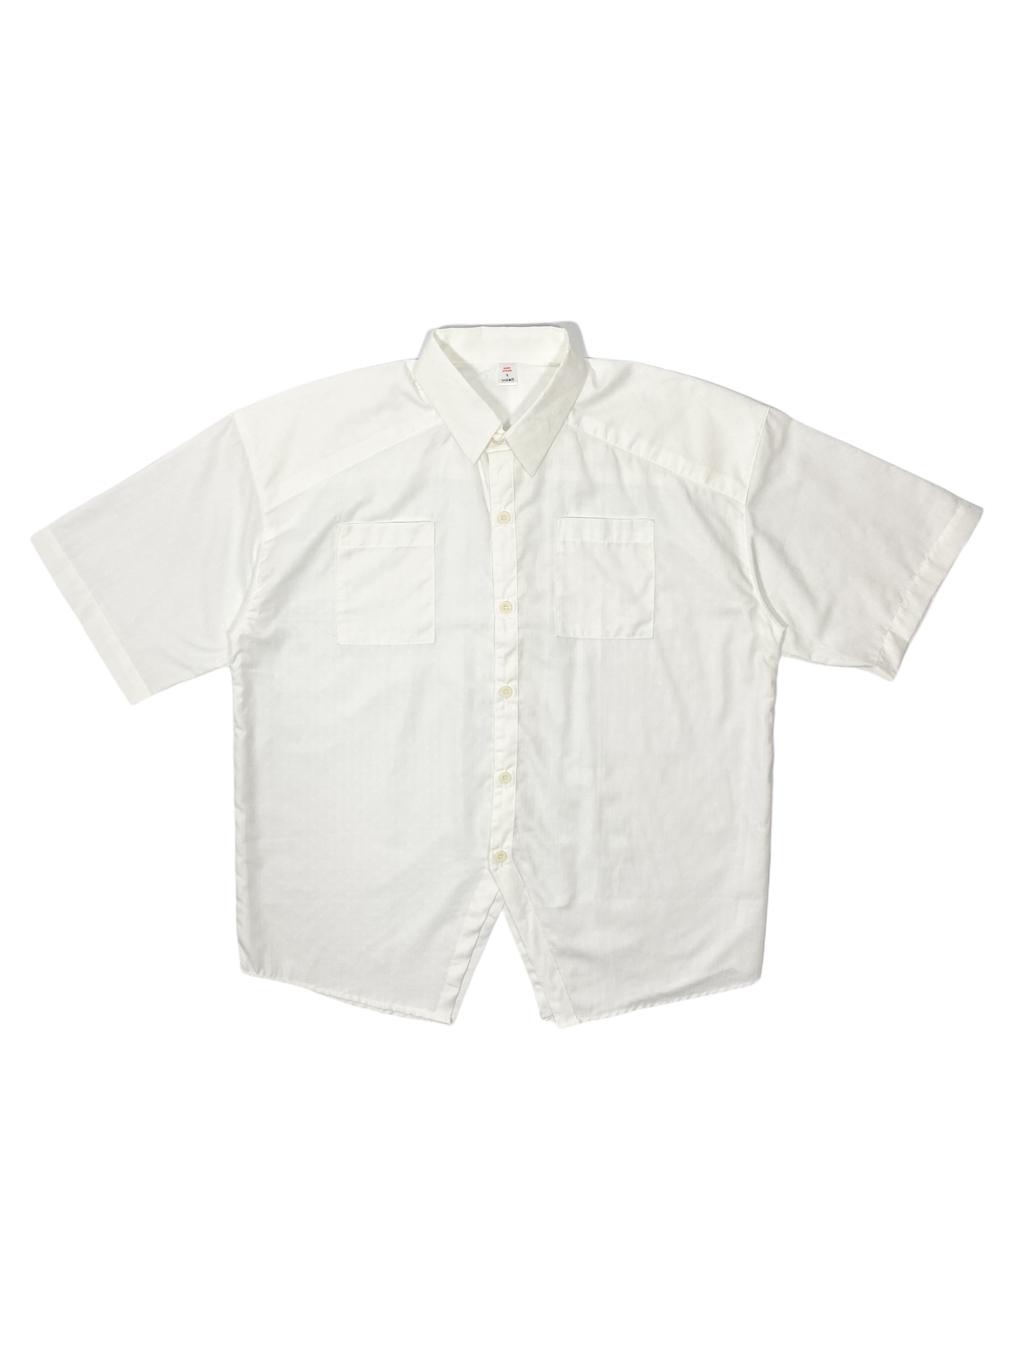 White Incubus (White)